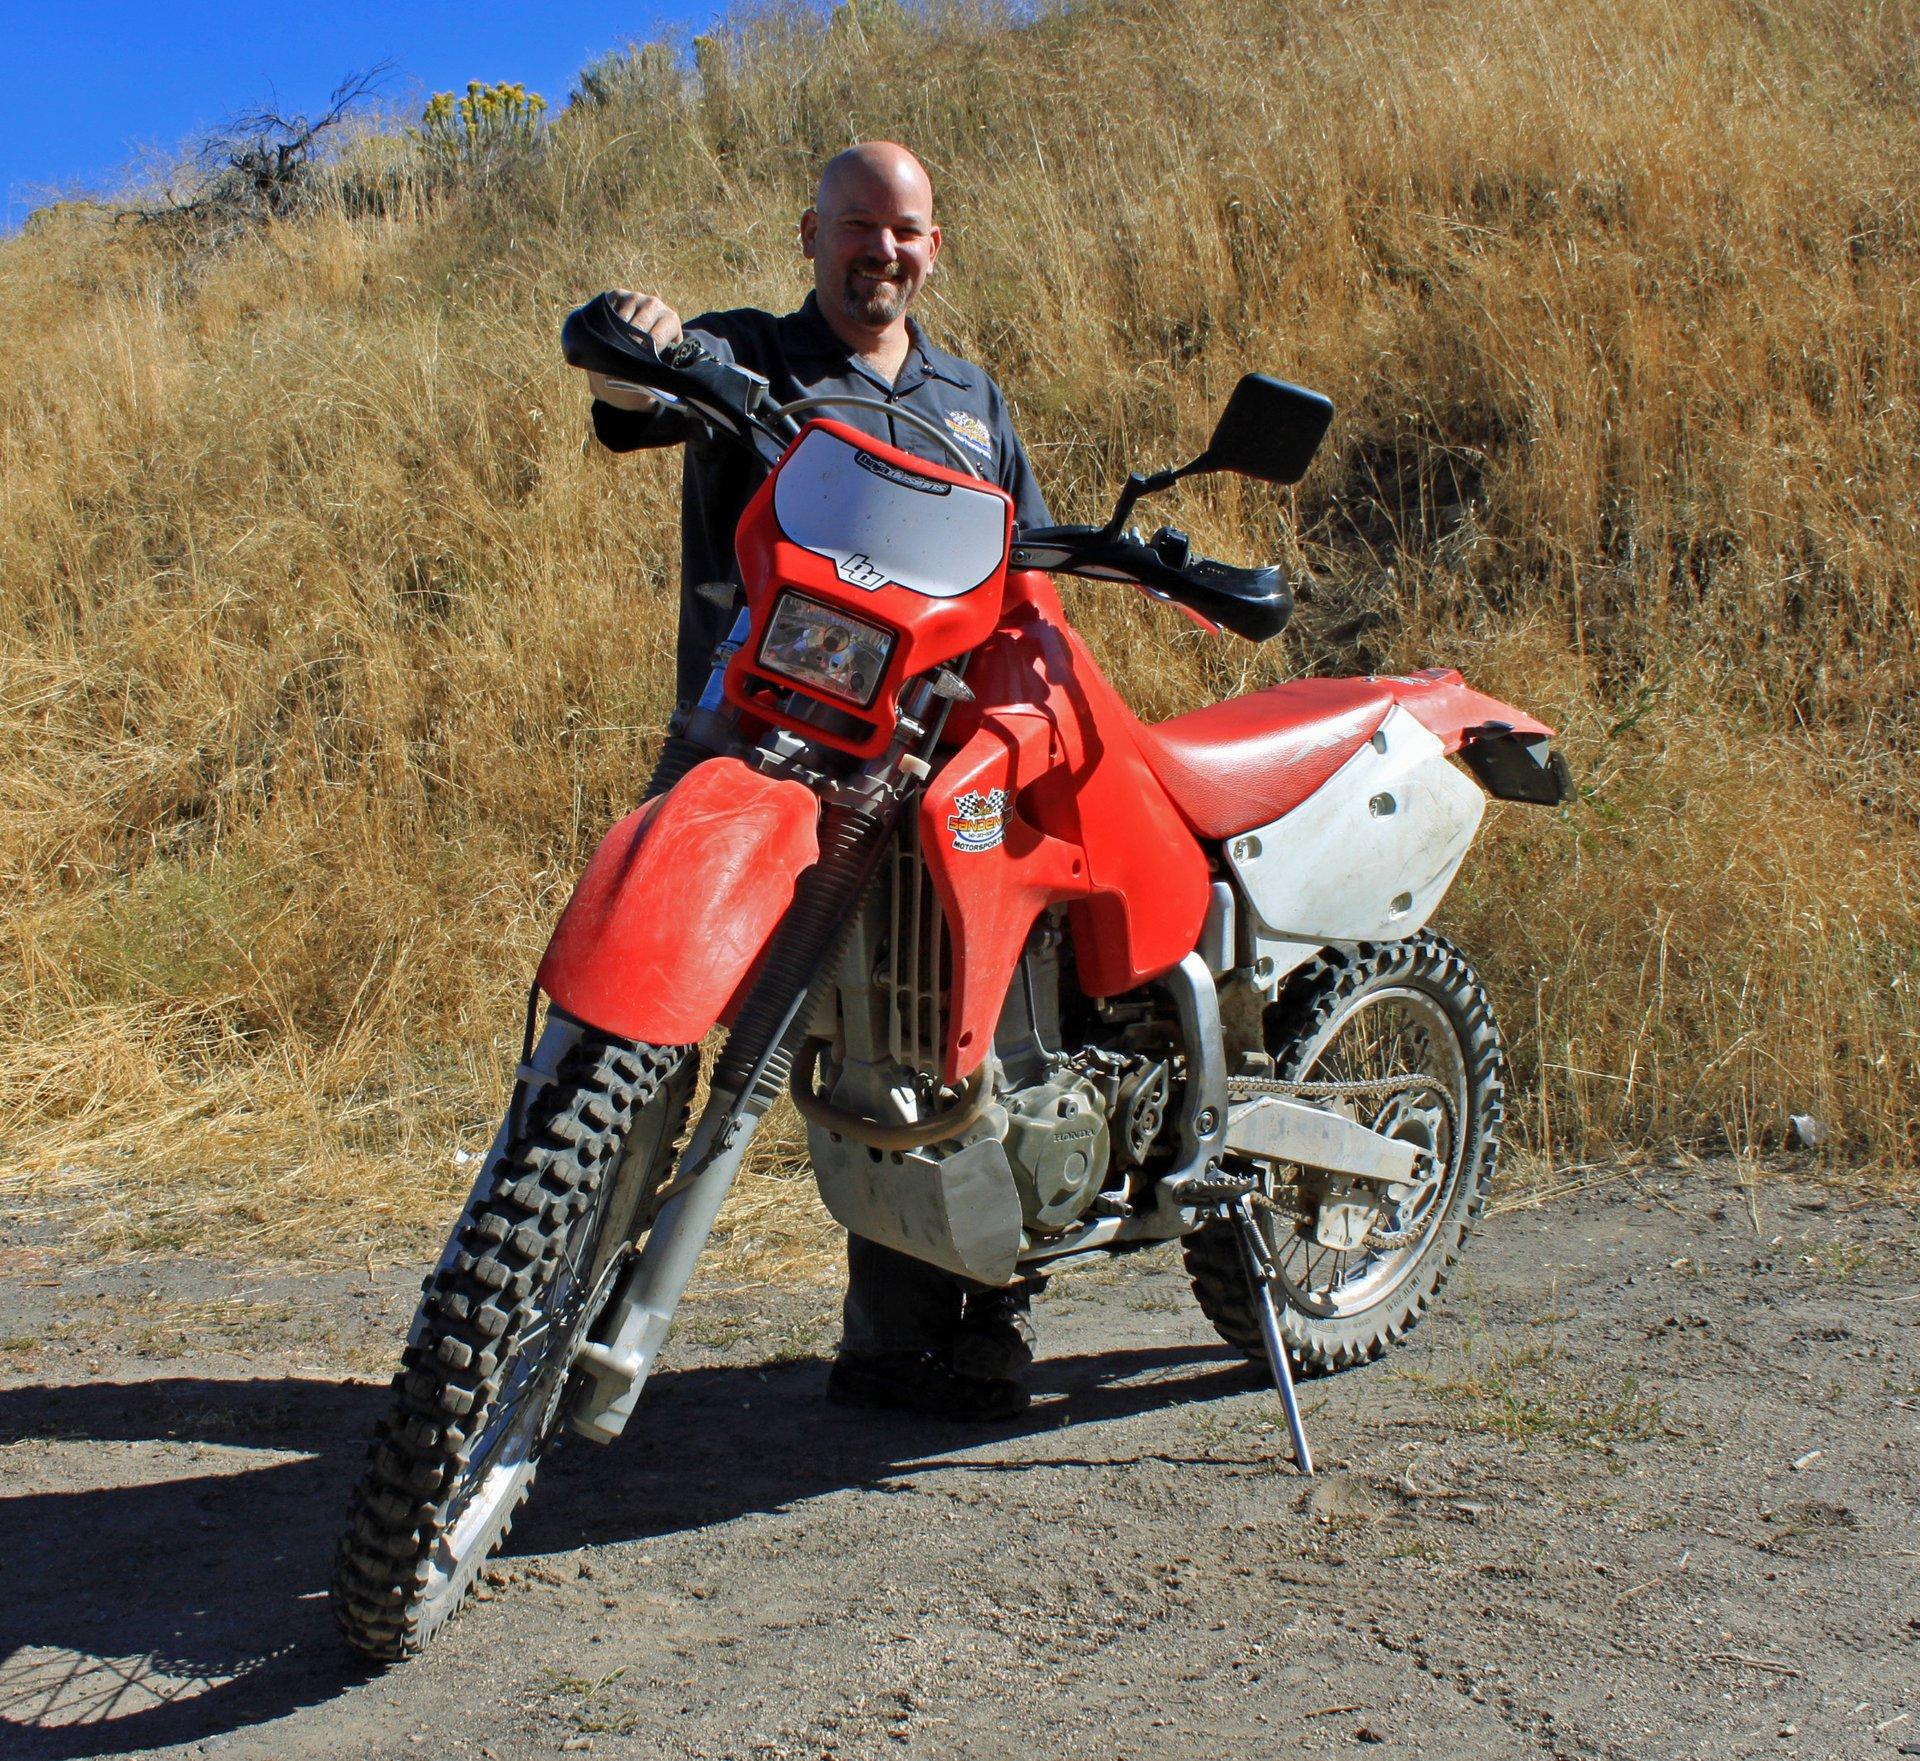 Chris's XR650